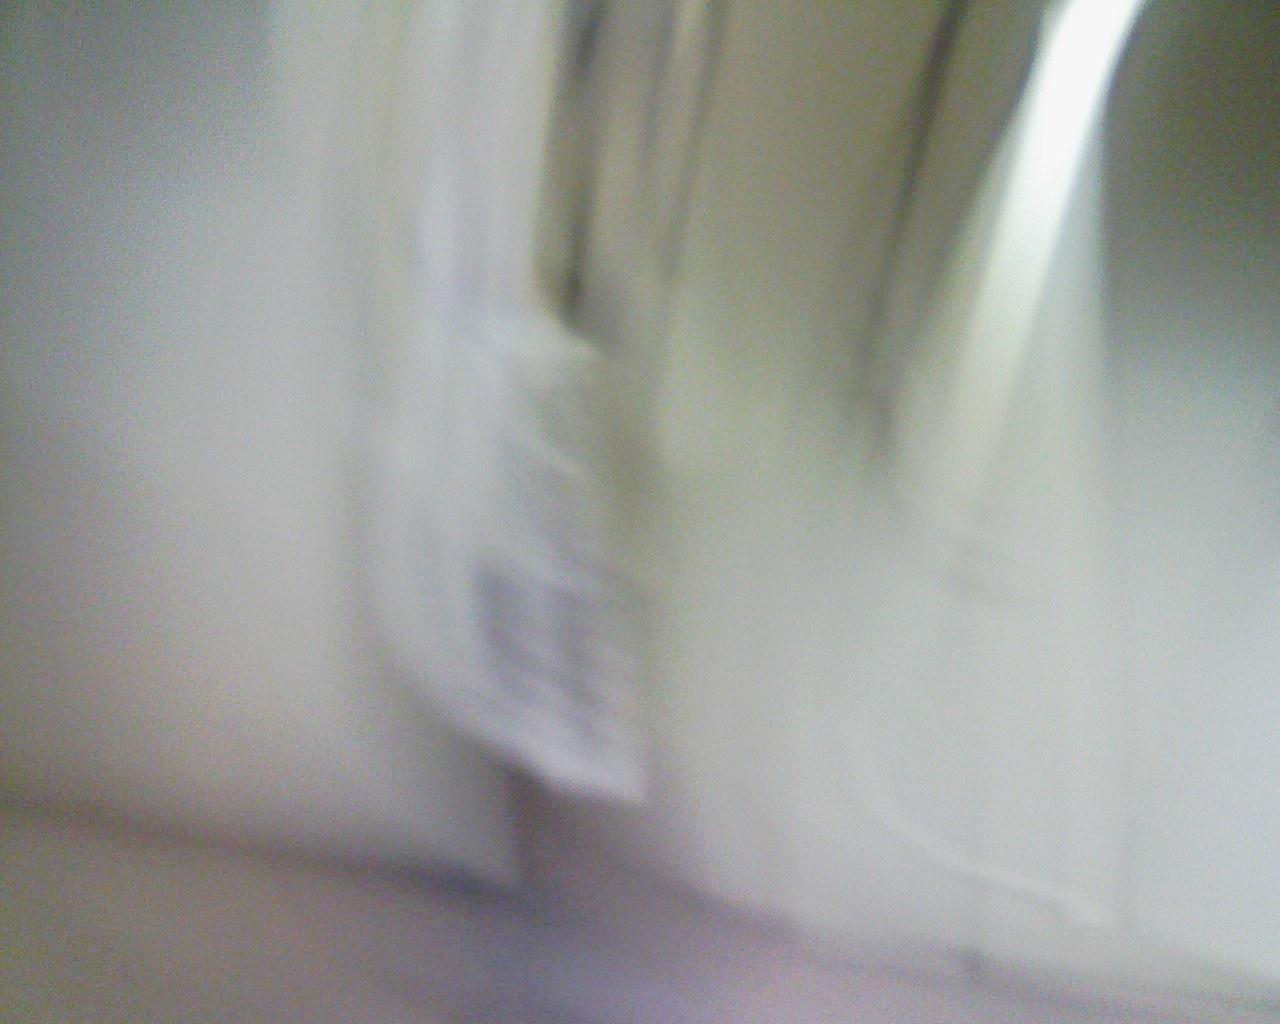 d0057733_13554881.jpg